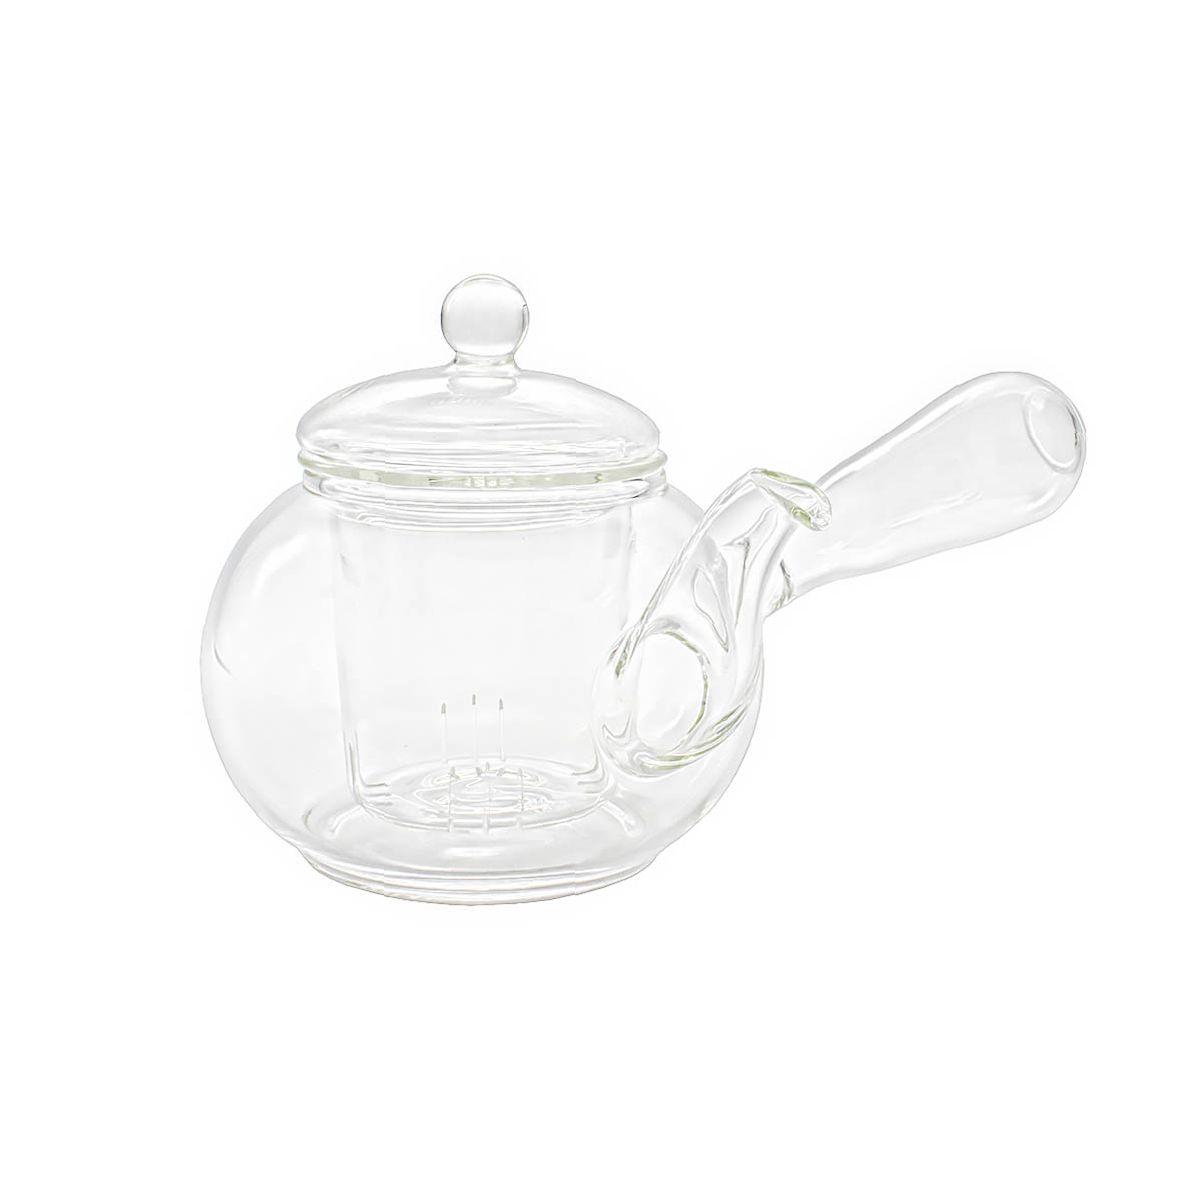 Стеклянный заварочный чайник с дутой ручкой 400 мл.